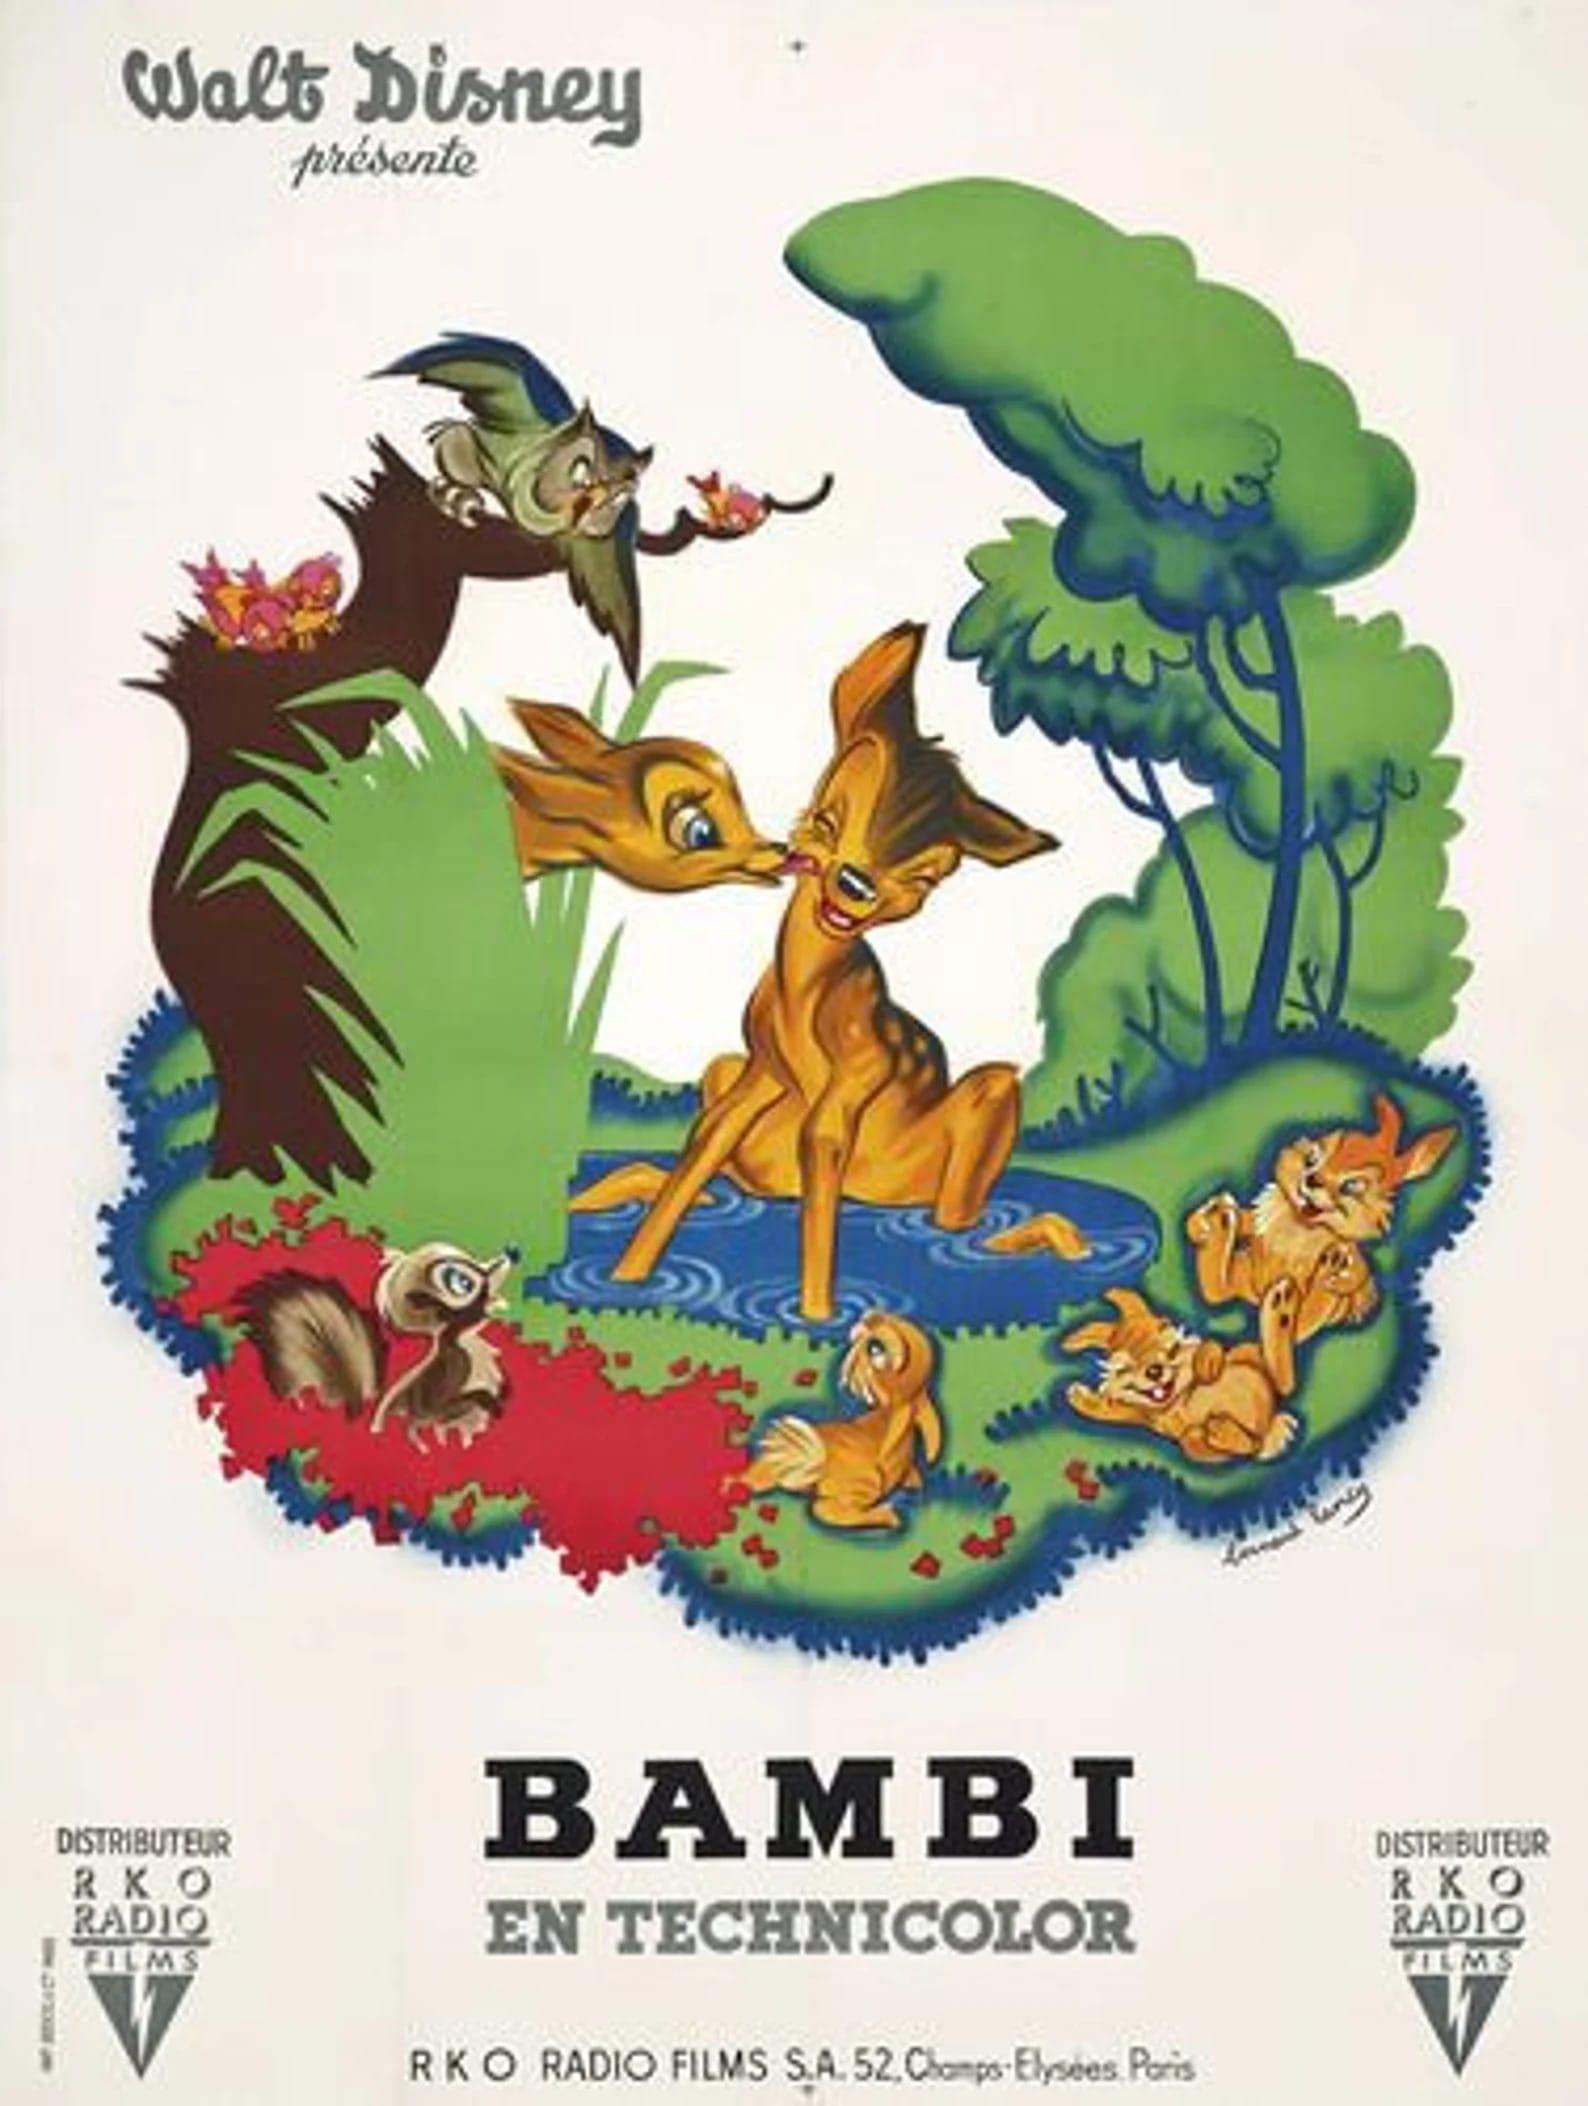 L'affiche de Bambi